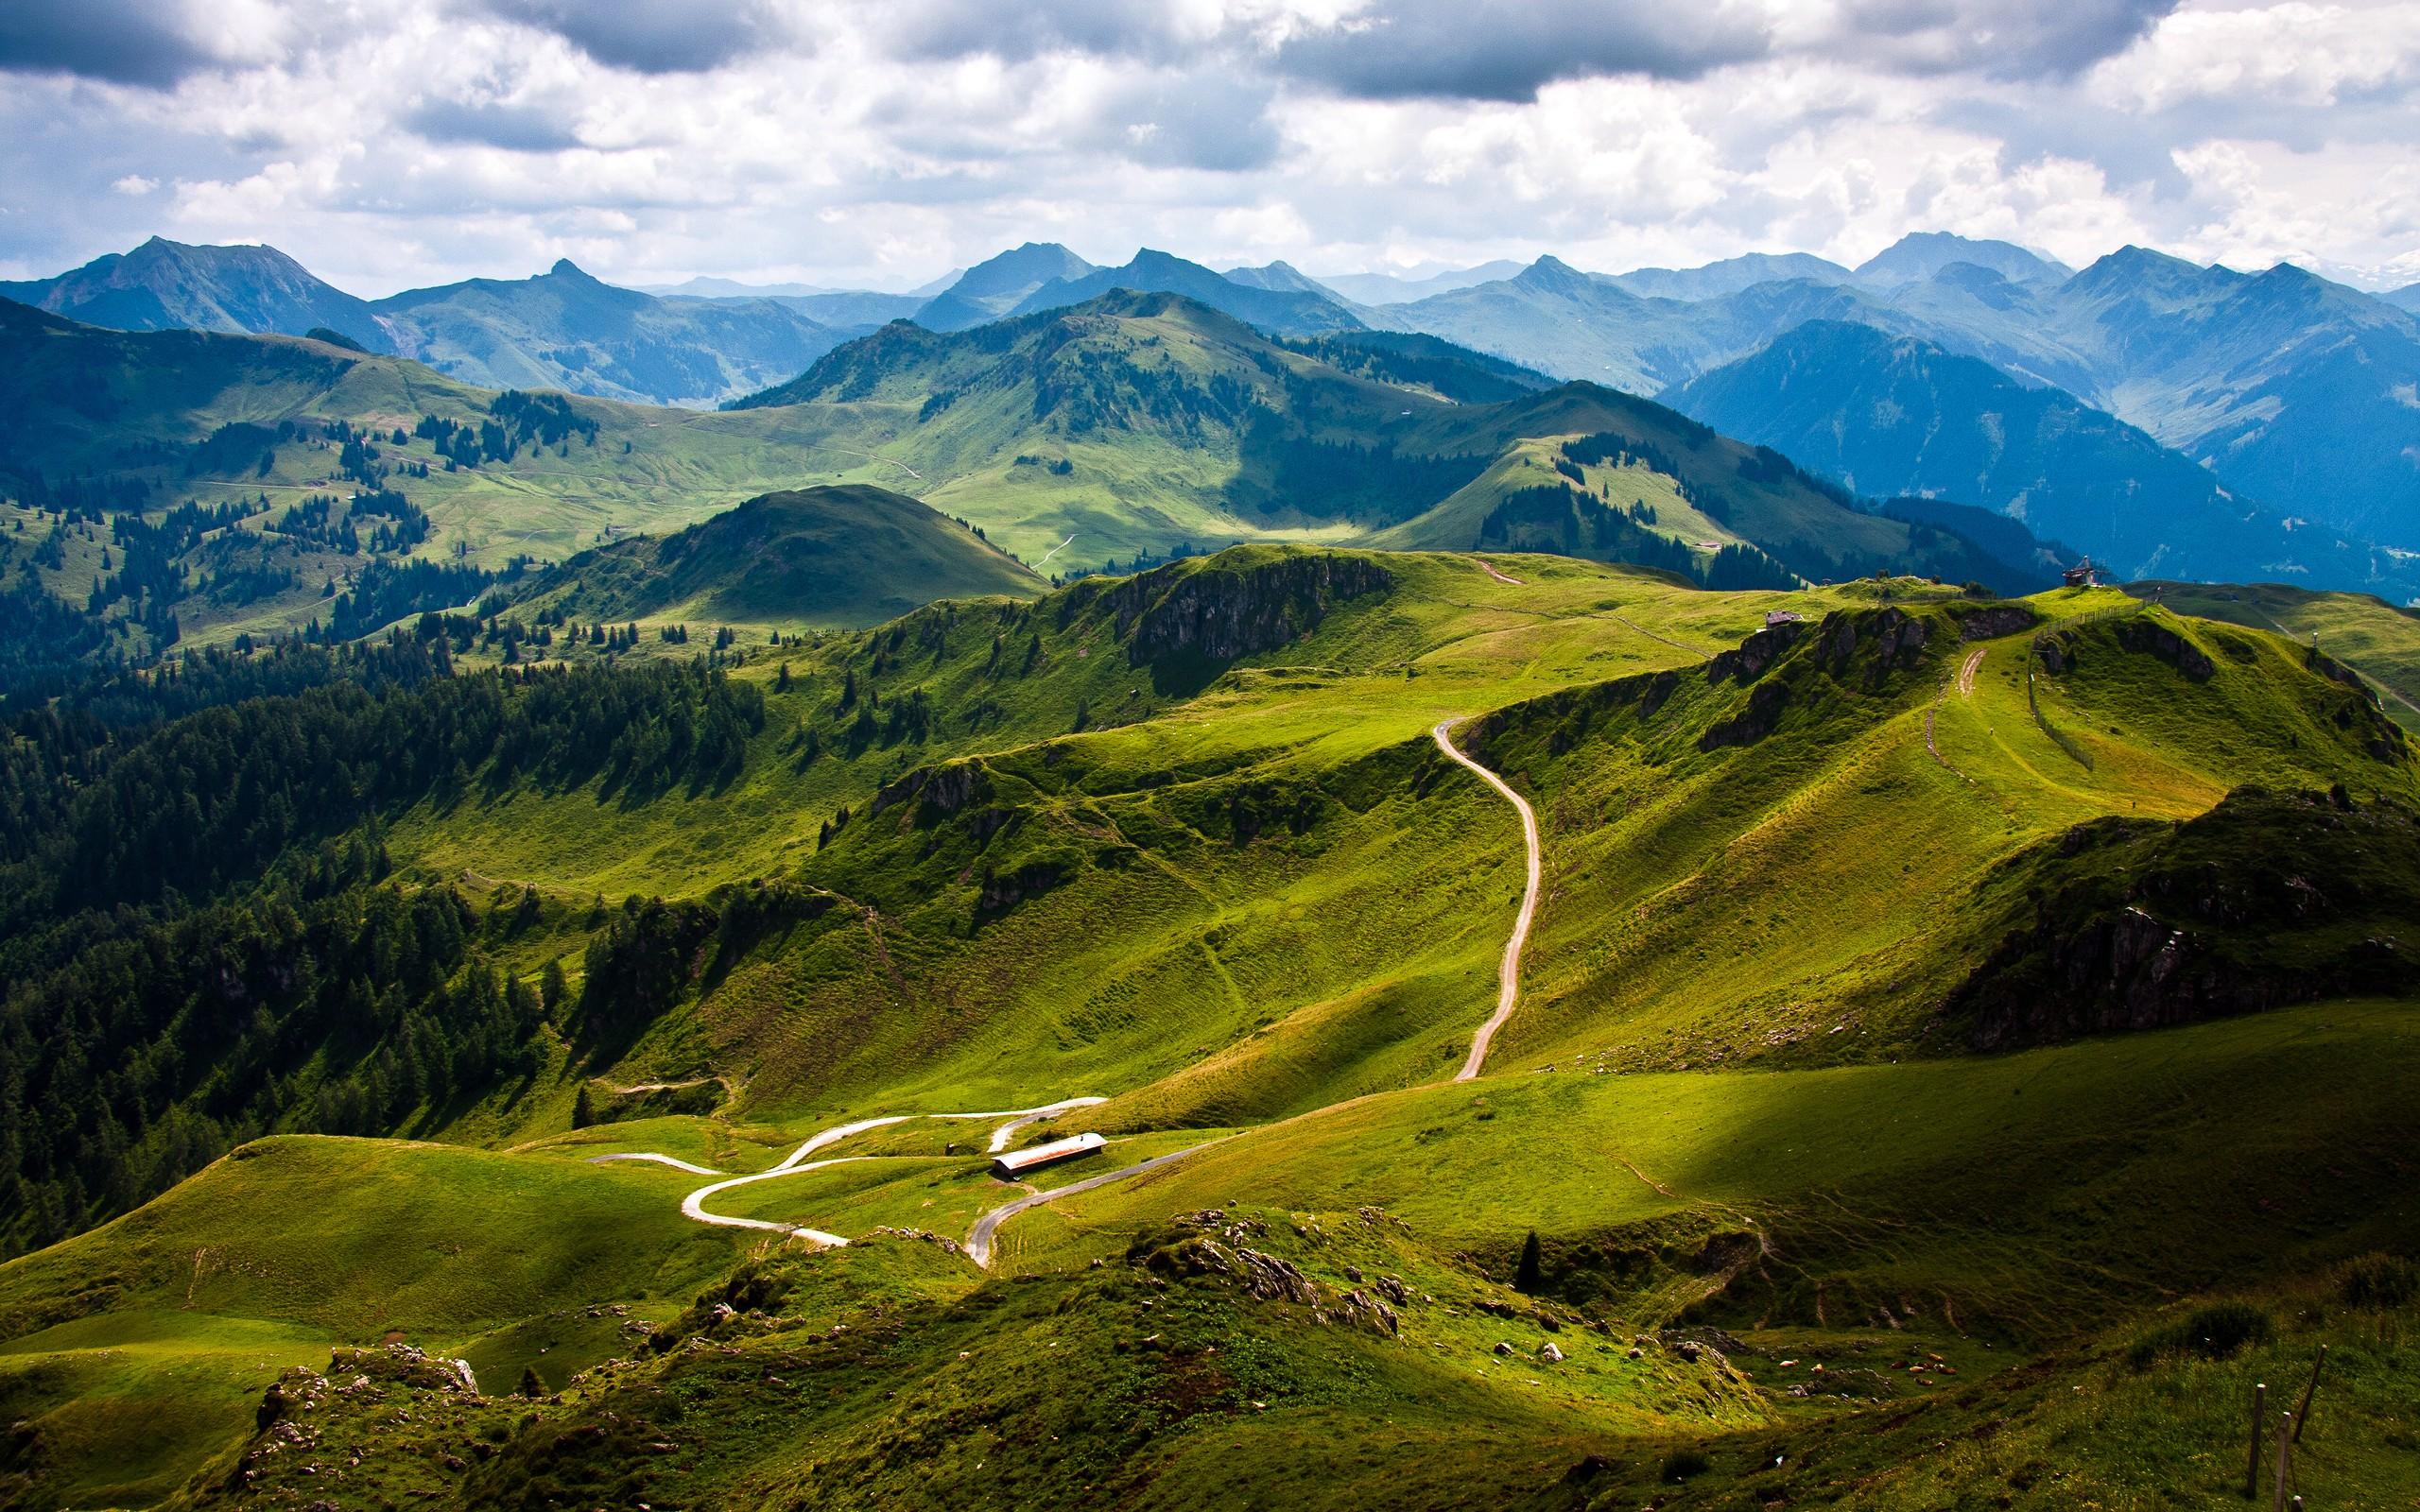 mountains_hd.jpg